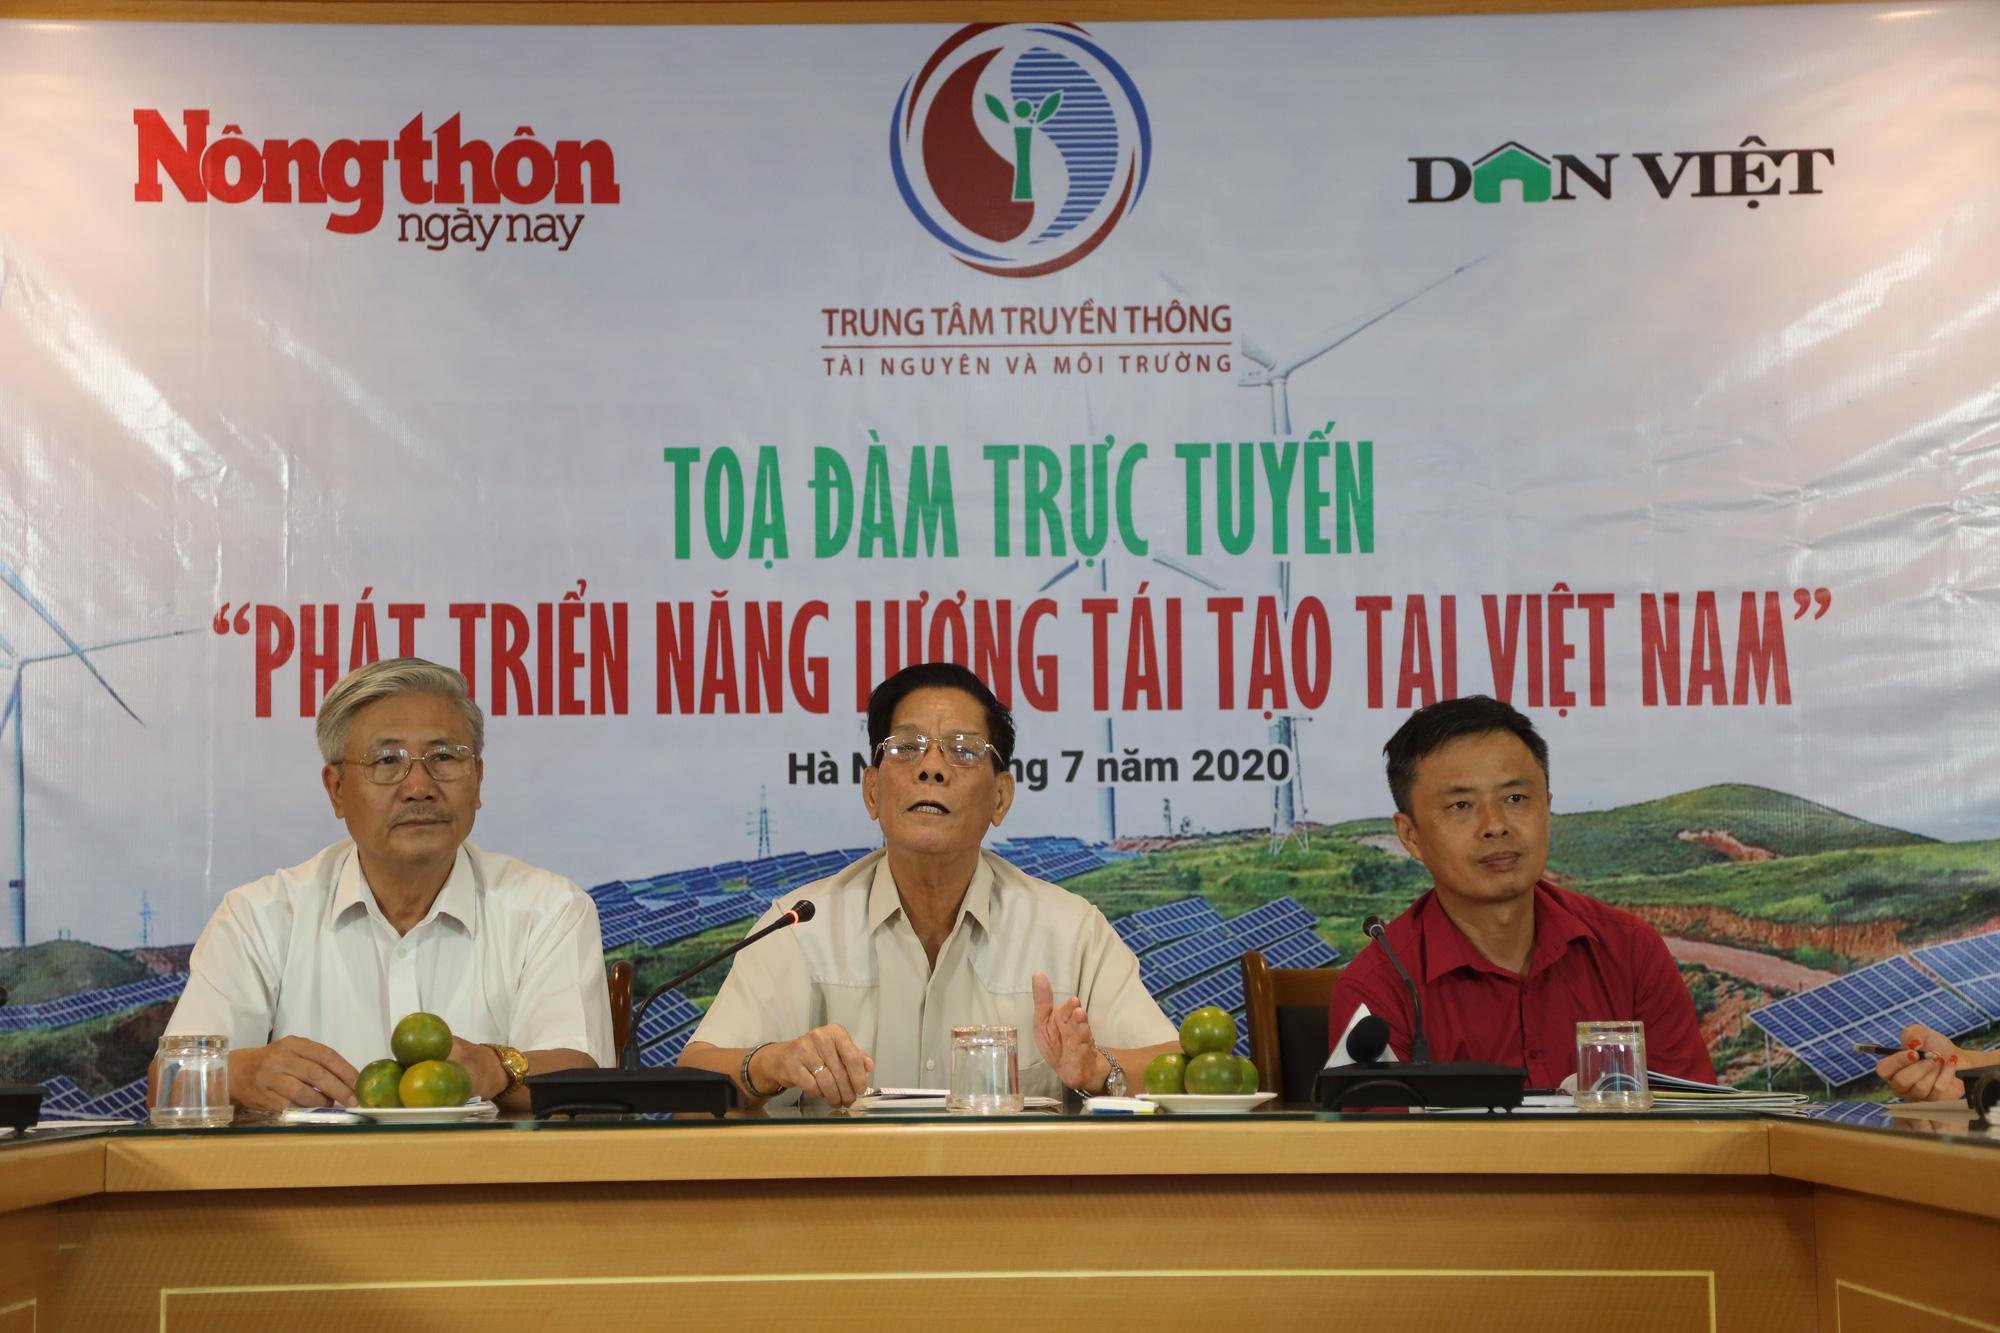 """Tọa đàm trực tuyến """"Phát triển năng lượng tái tạo tại Việt Nam"""": Không thể xem nhẹ vai trò của Nhà nước - Ảnh 2."""